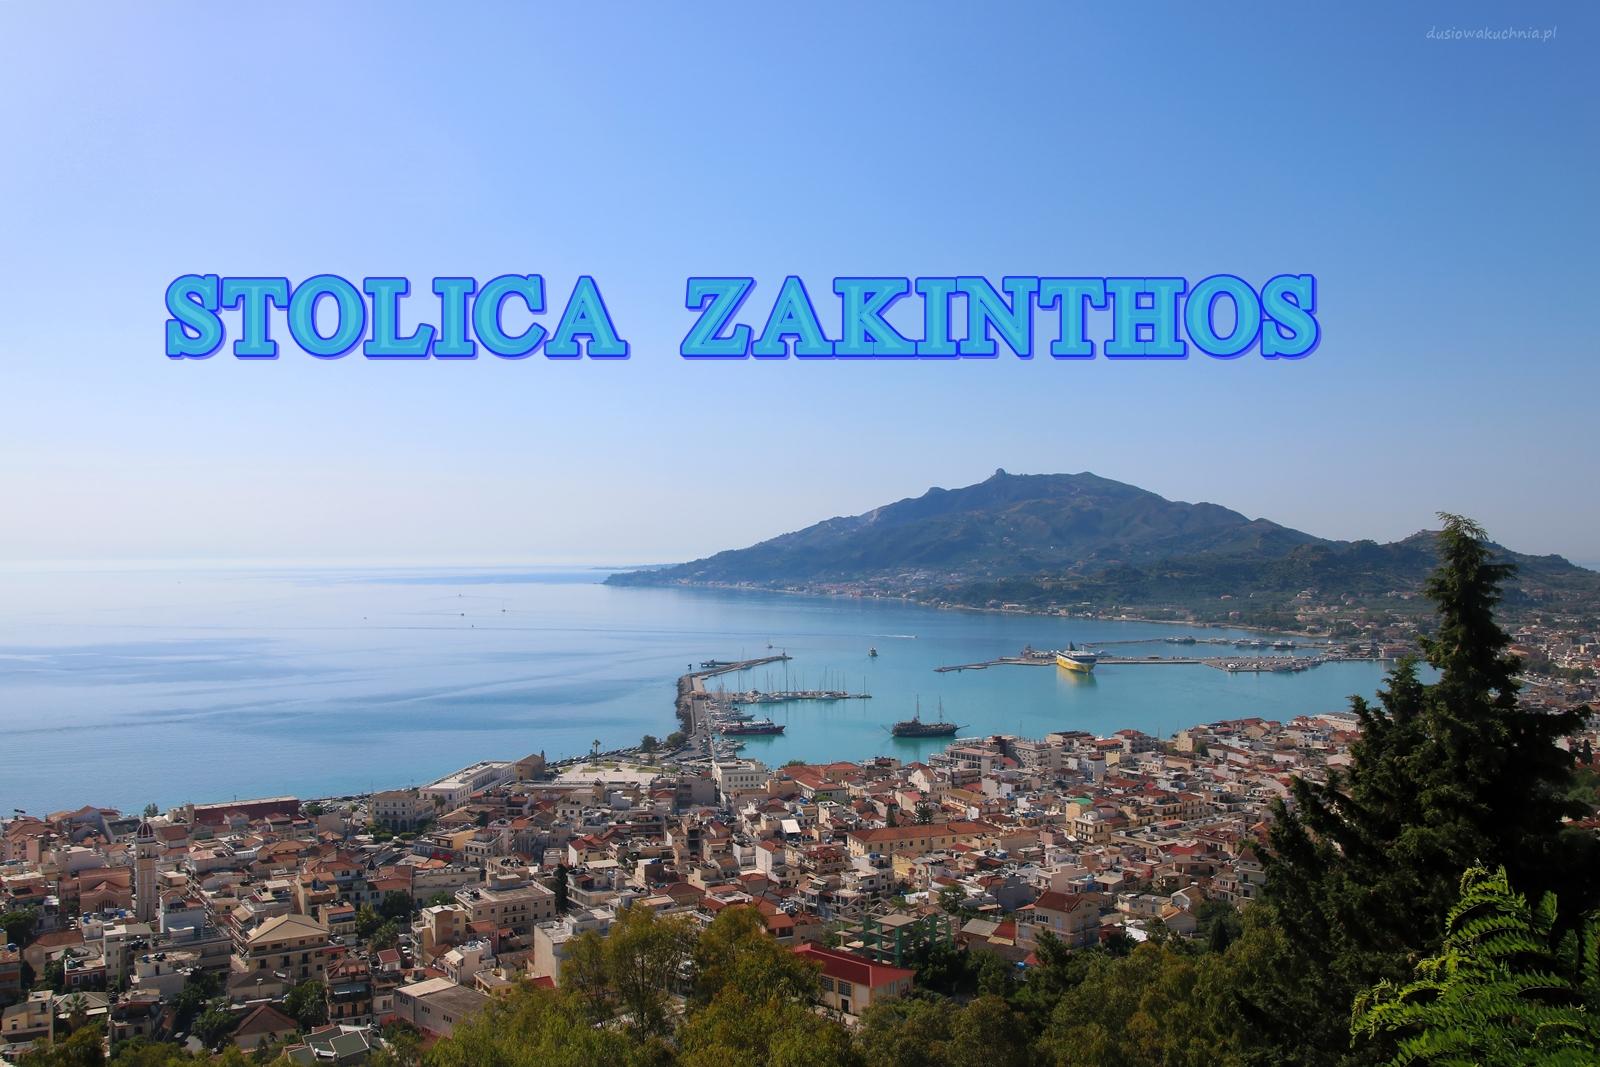 Stolica Zakynthos - co zobaczyć?